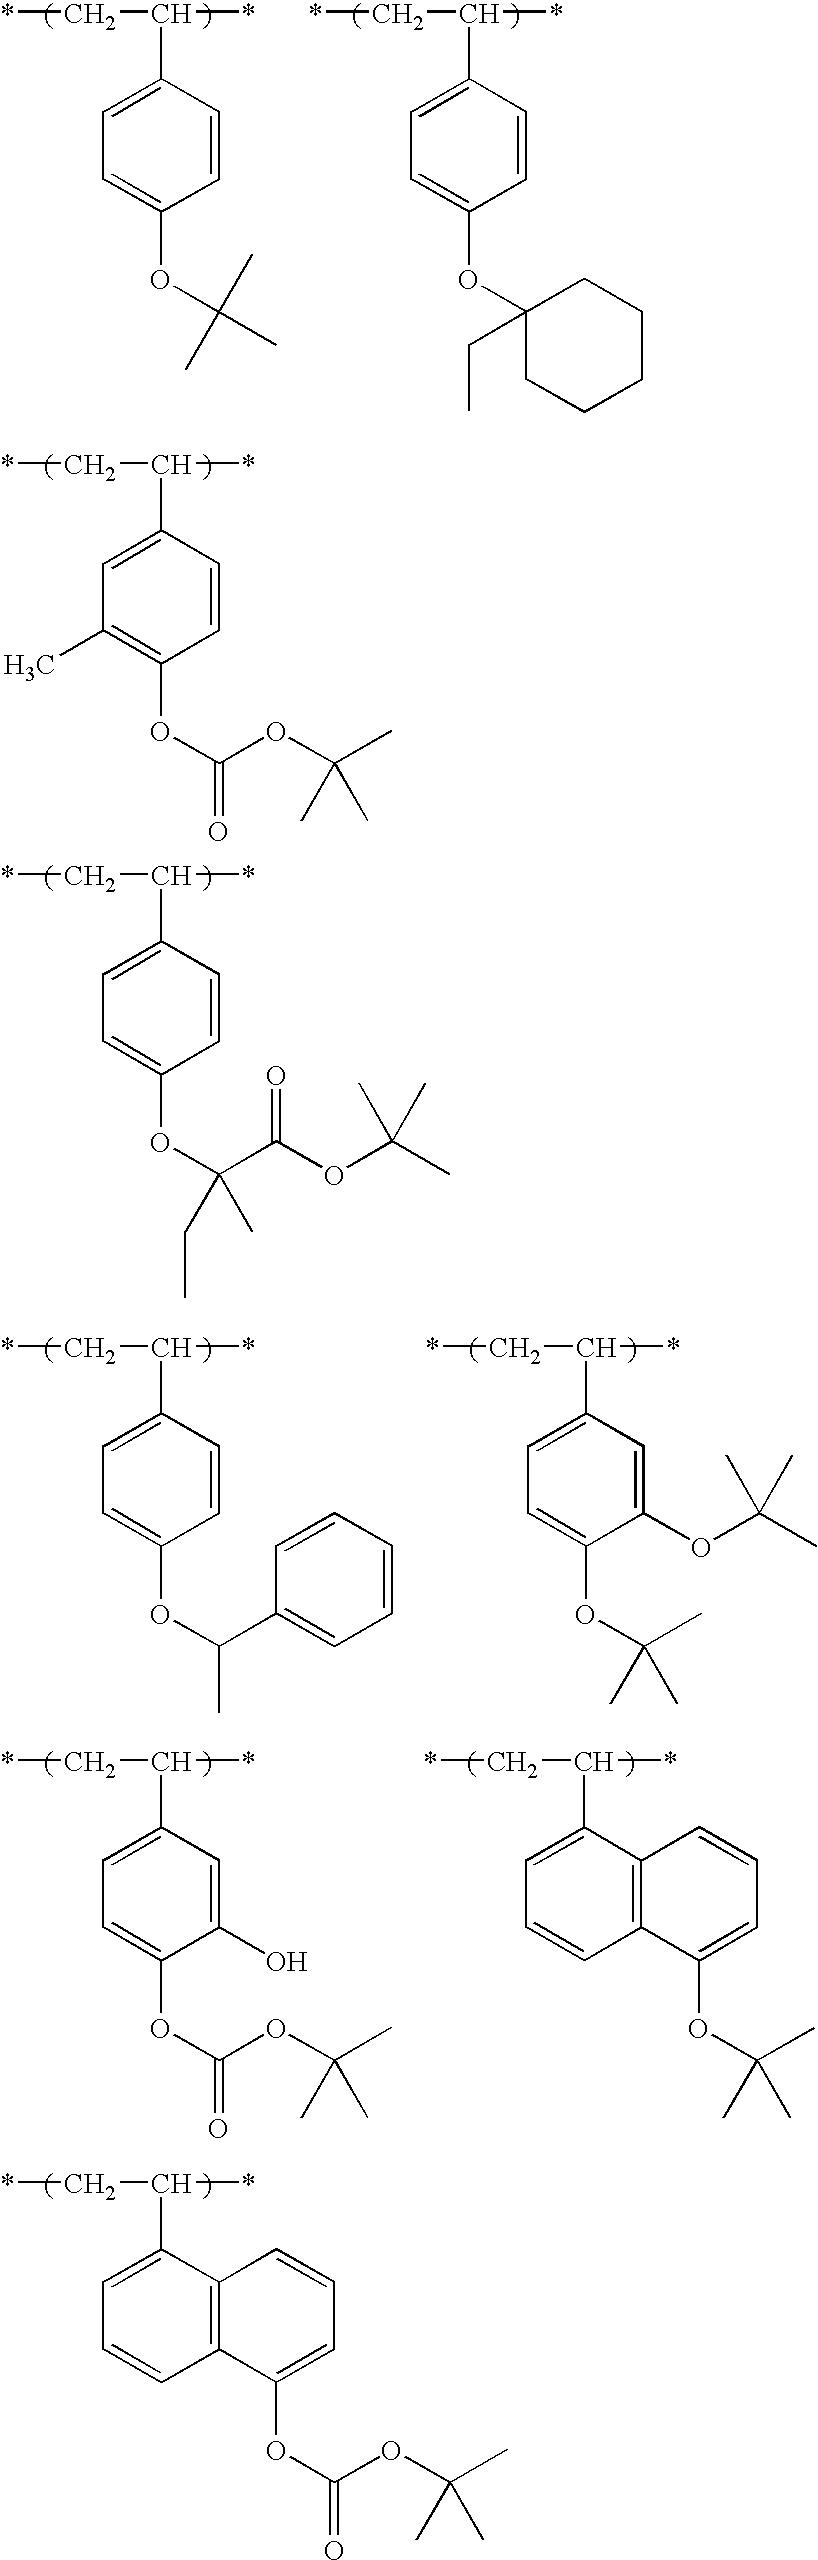 Figure US20100183975A1-20100722-C00085